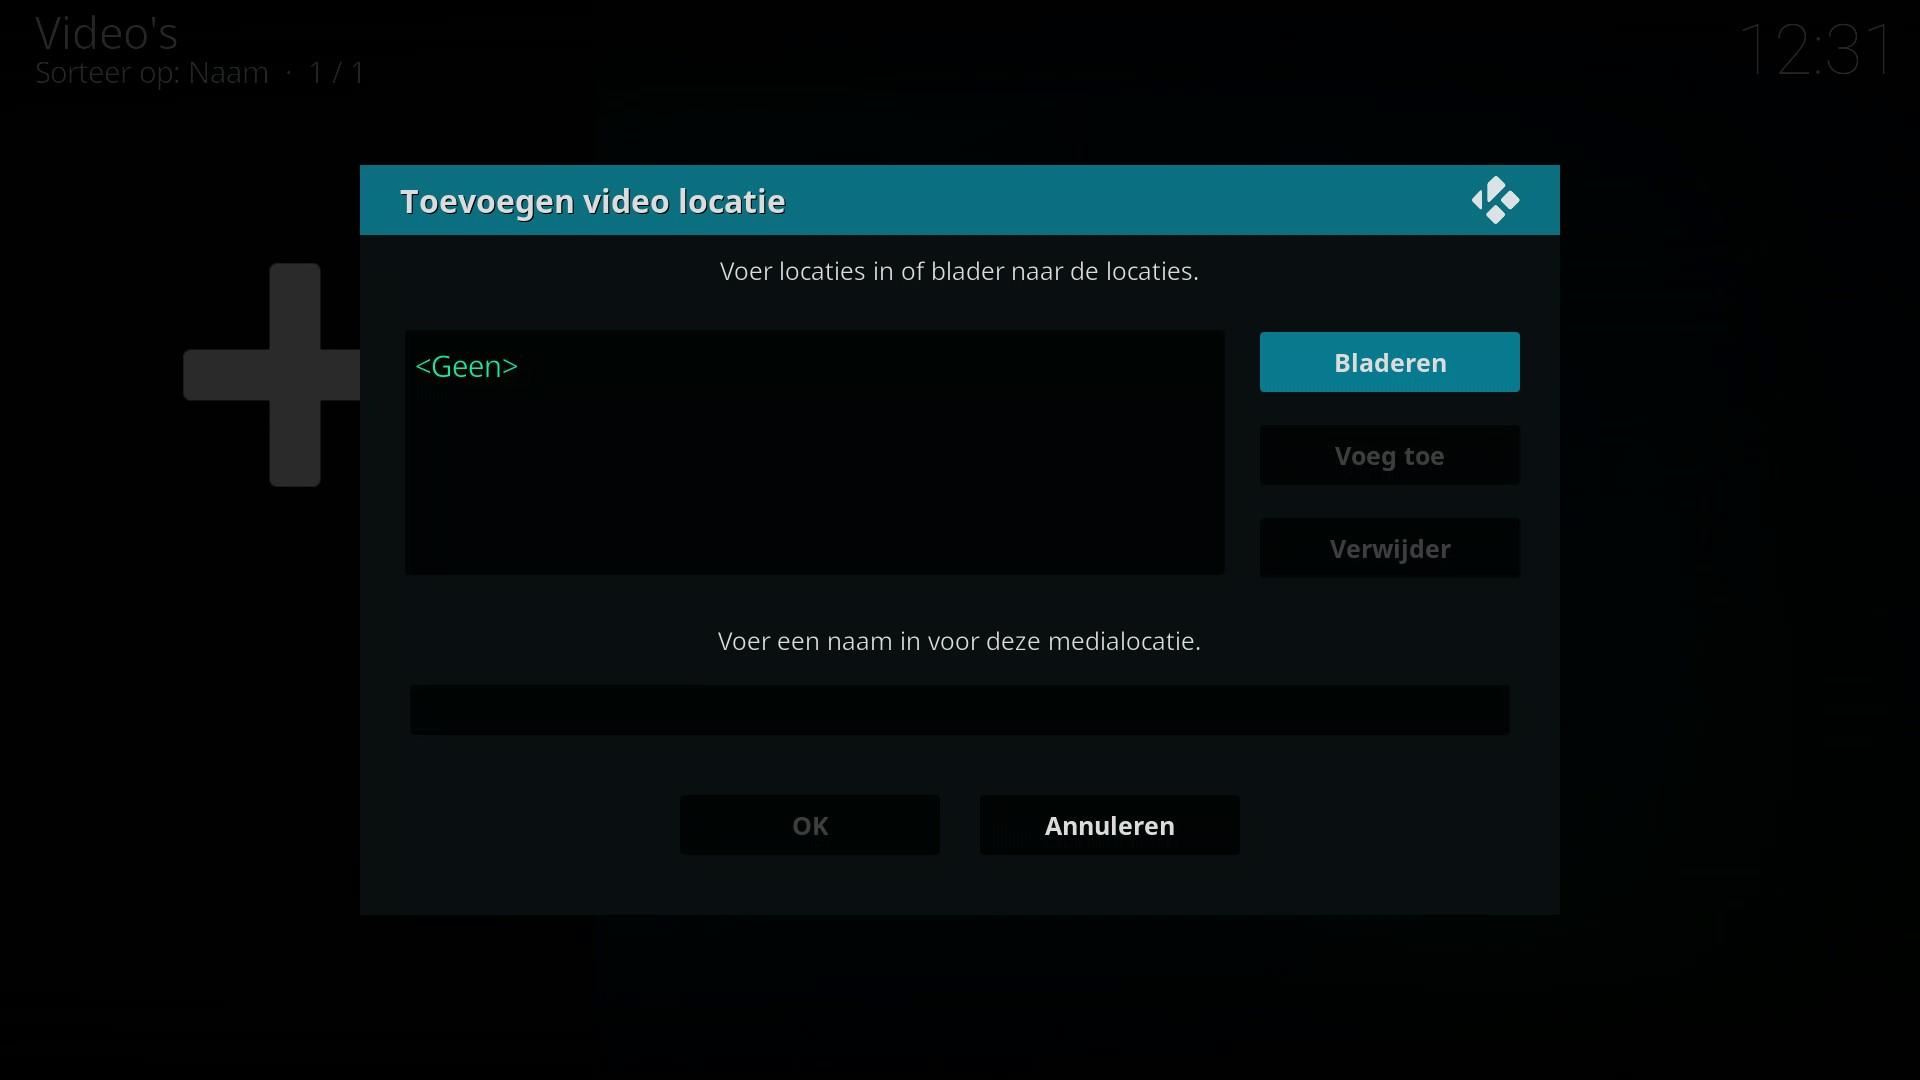 toevoegen_video_locatie